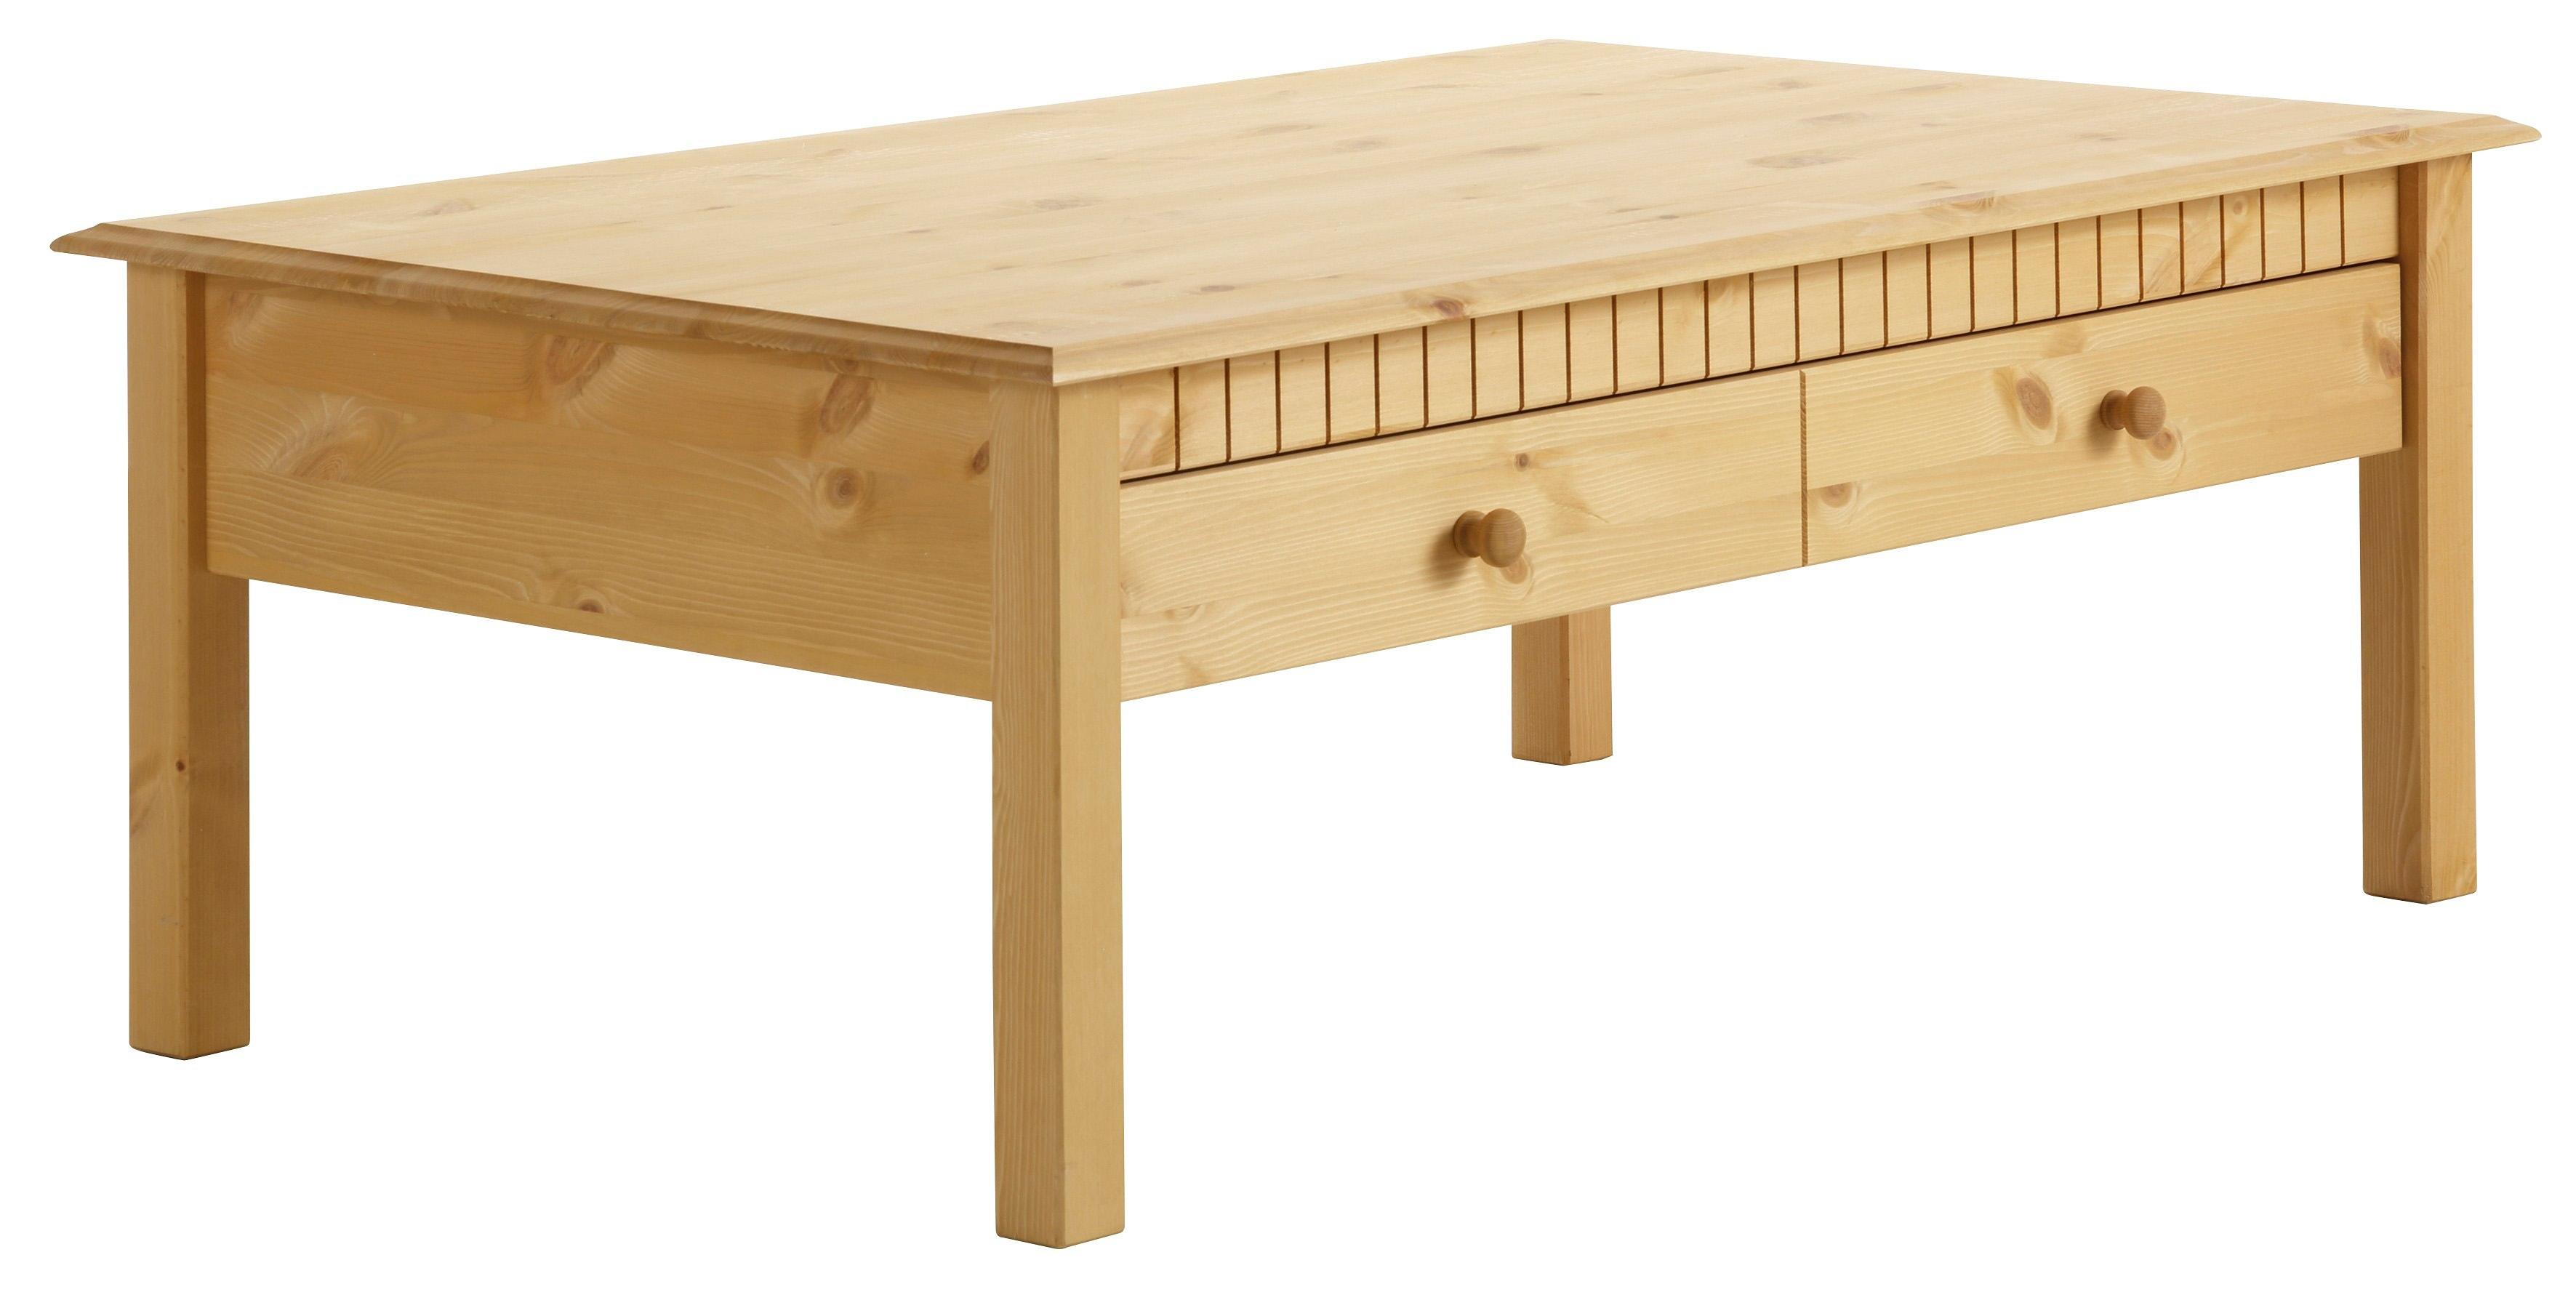 Home affaire salontafel met grote lade, breedte 110 cm veilig op otto.nl kopen